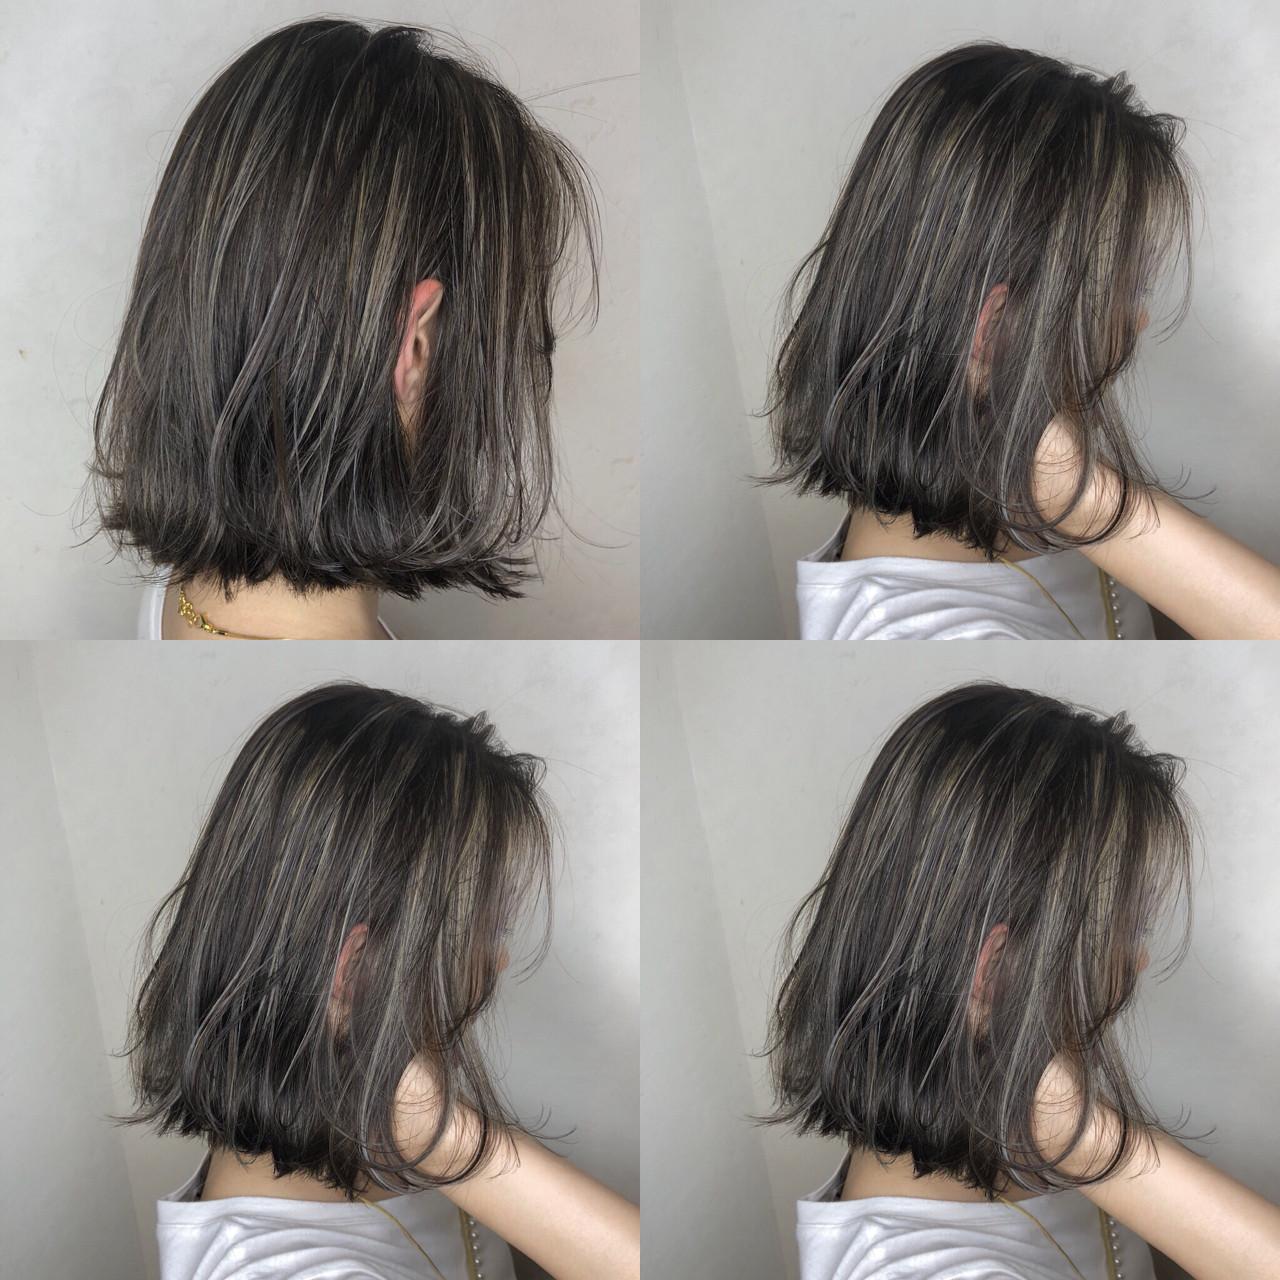 グレージュ 透明感 ナチュラル おフェロ ヘアスタイルや髪型の写真・画像 | TAKA / cecil hair 河原町店